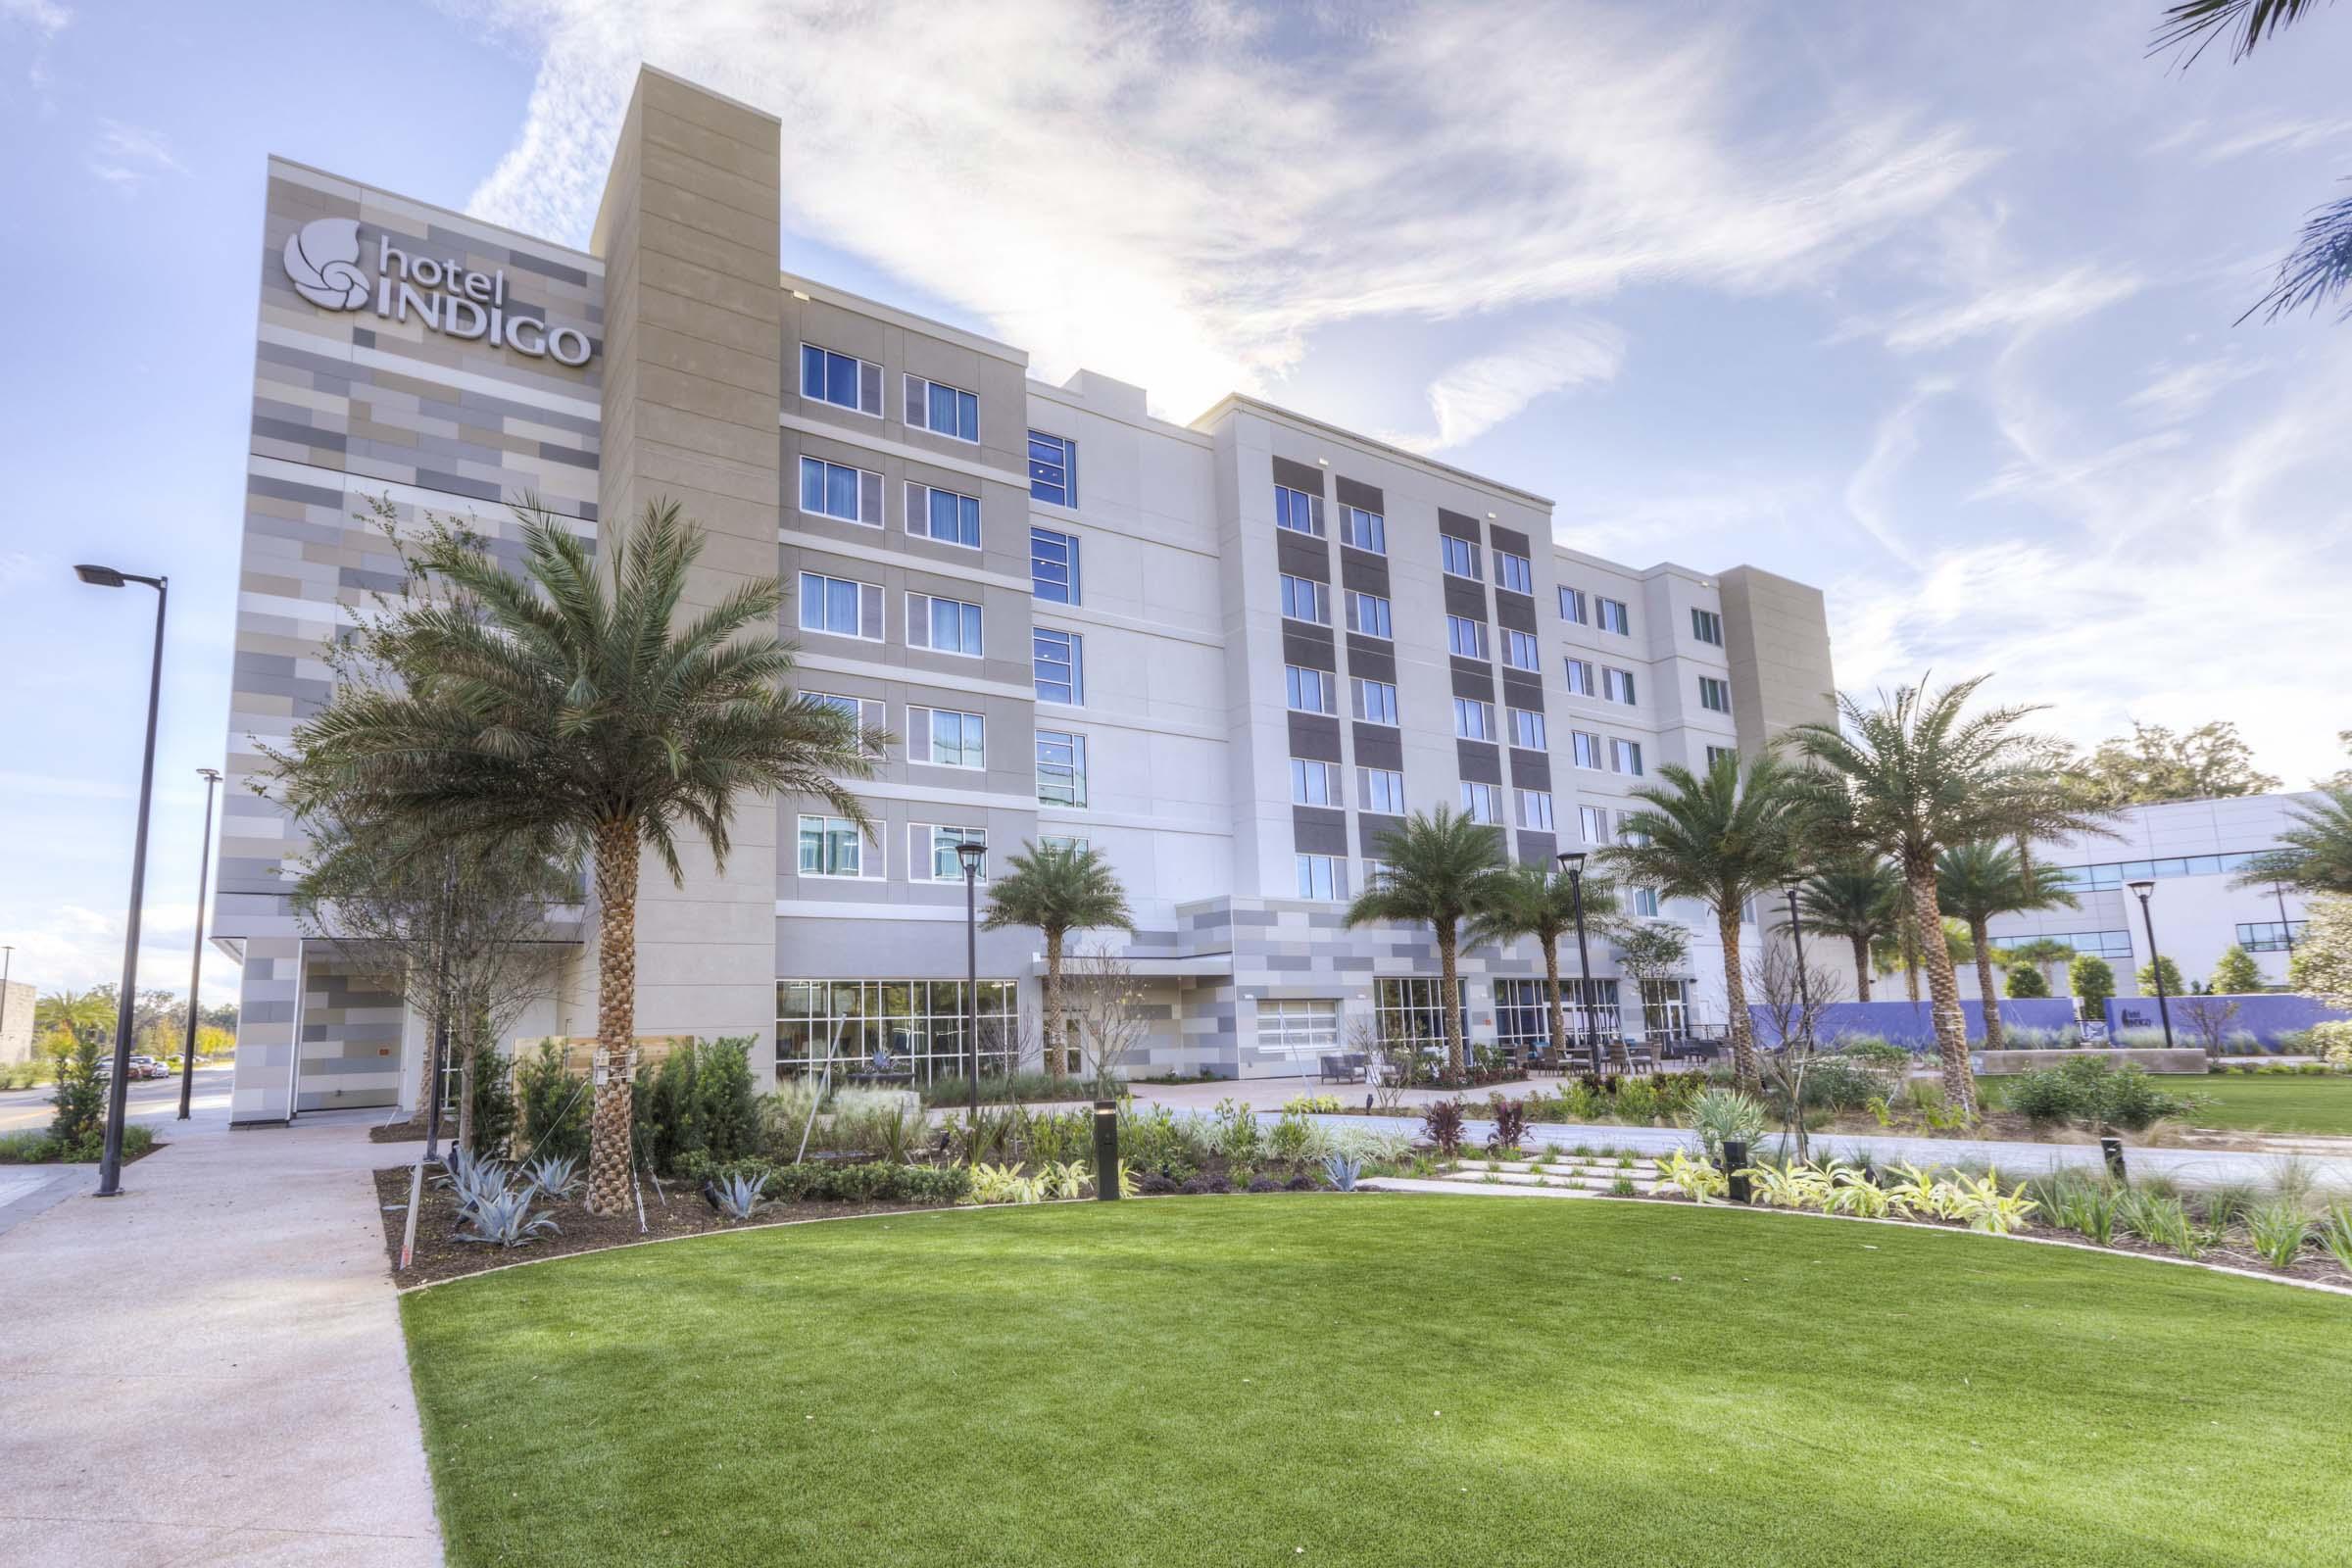 Hotel Indigo at Celebration Pointe